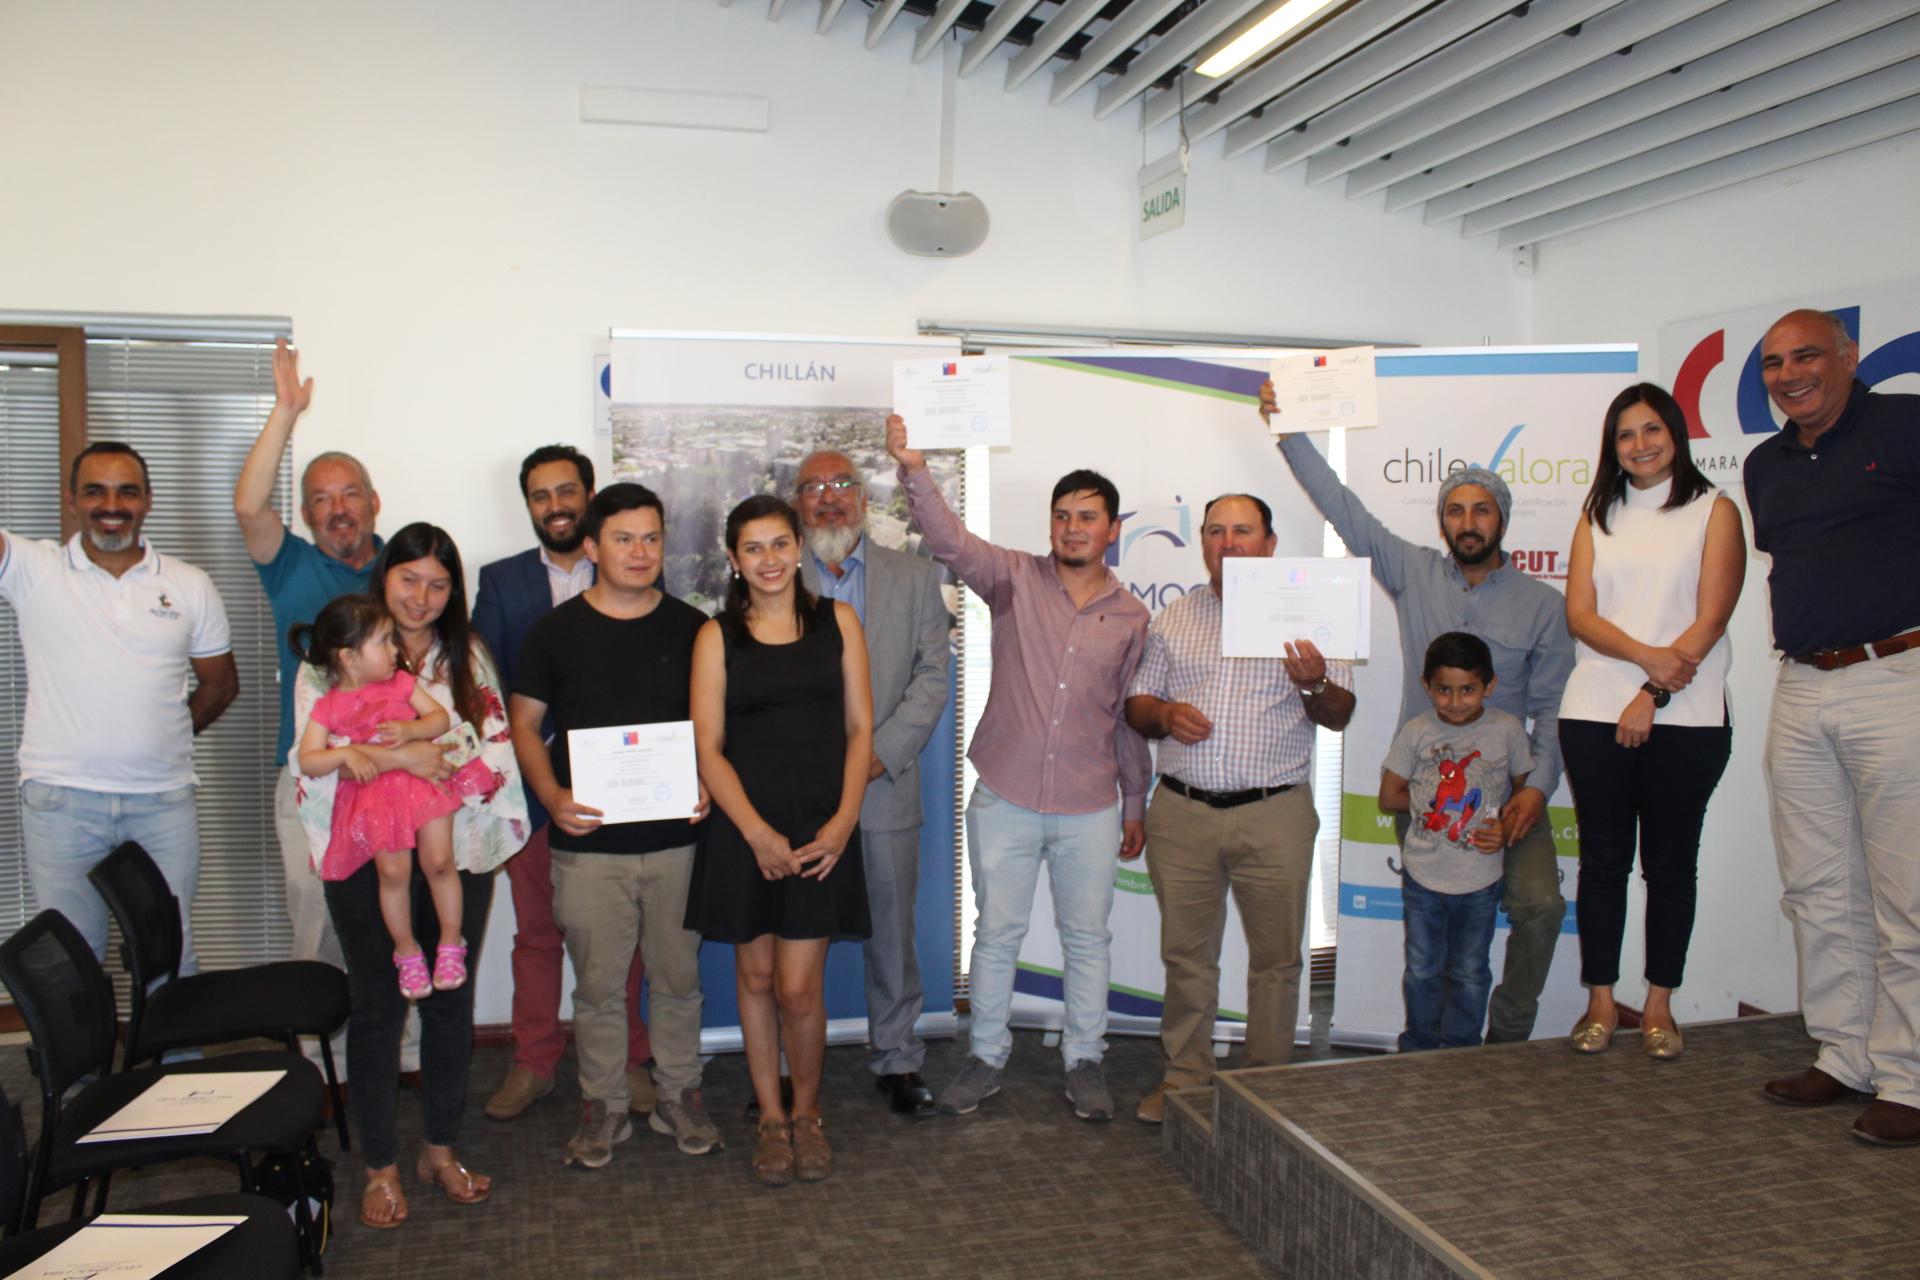 Ceremonia de certificación del Programa Social Escuela de Oficios se realizó en CChC Chillán noticias